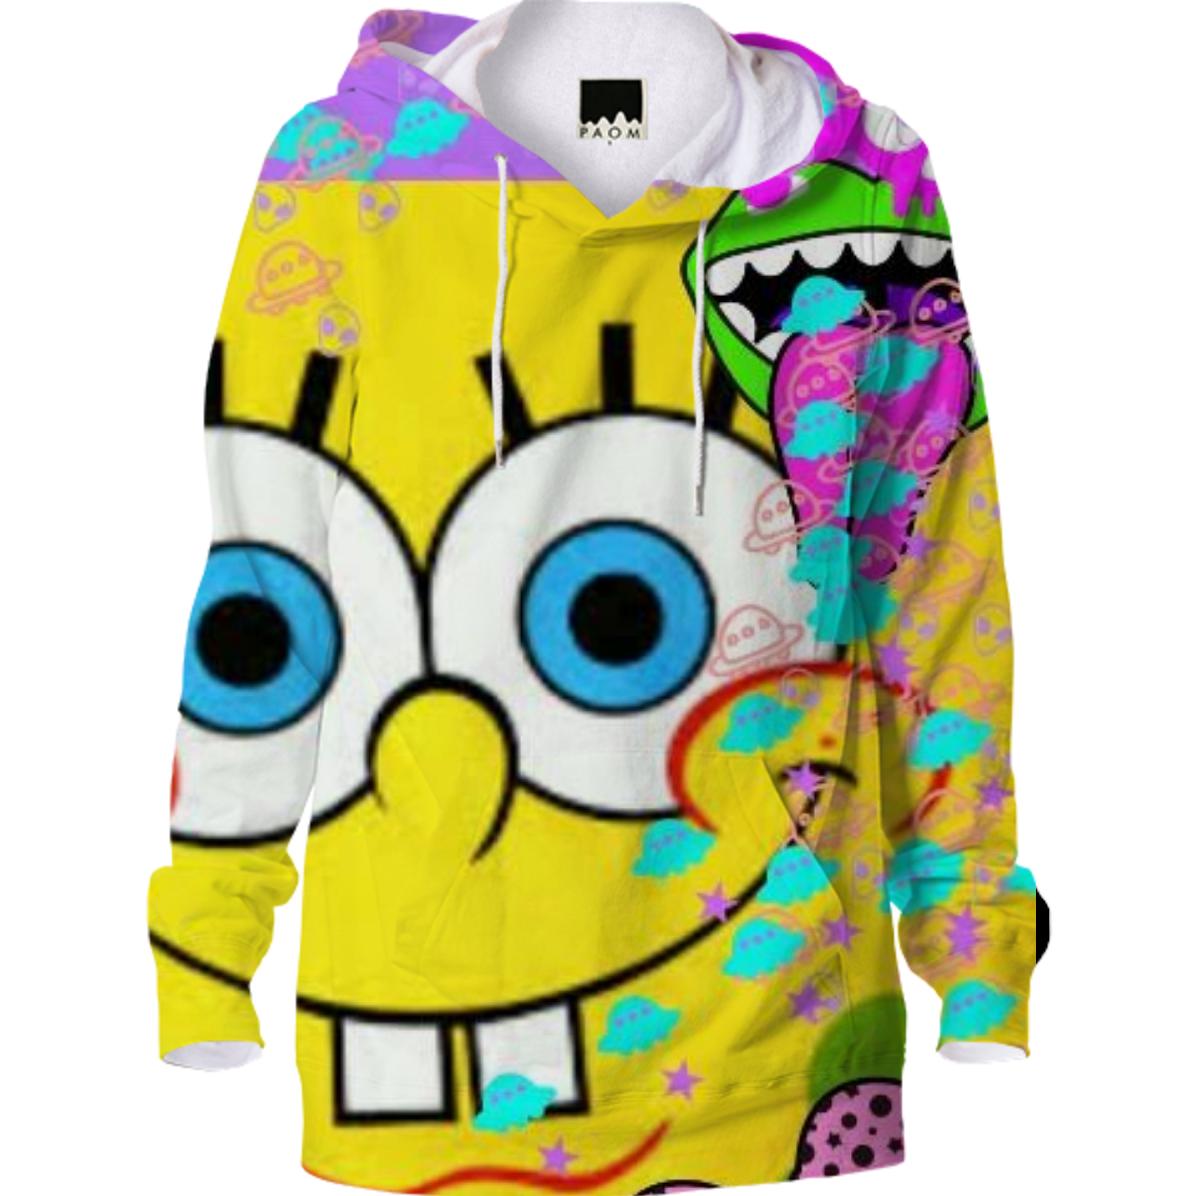 Spongebob hoodie